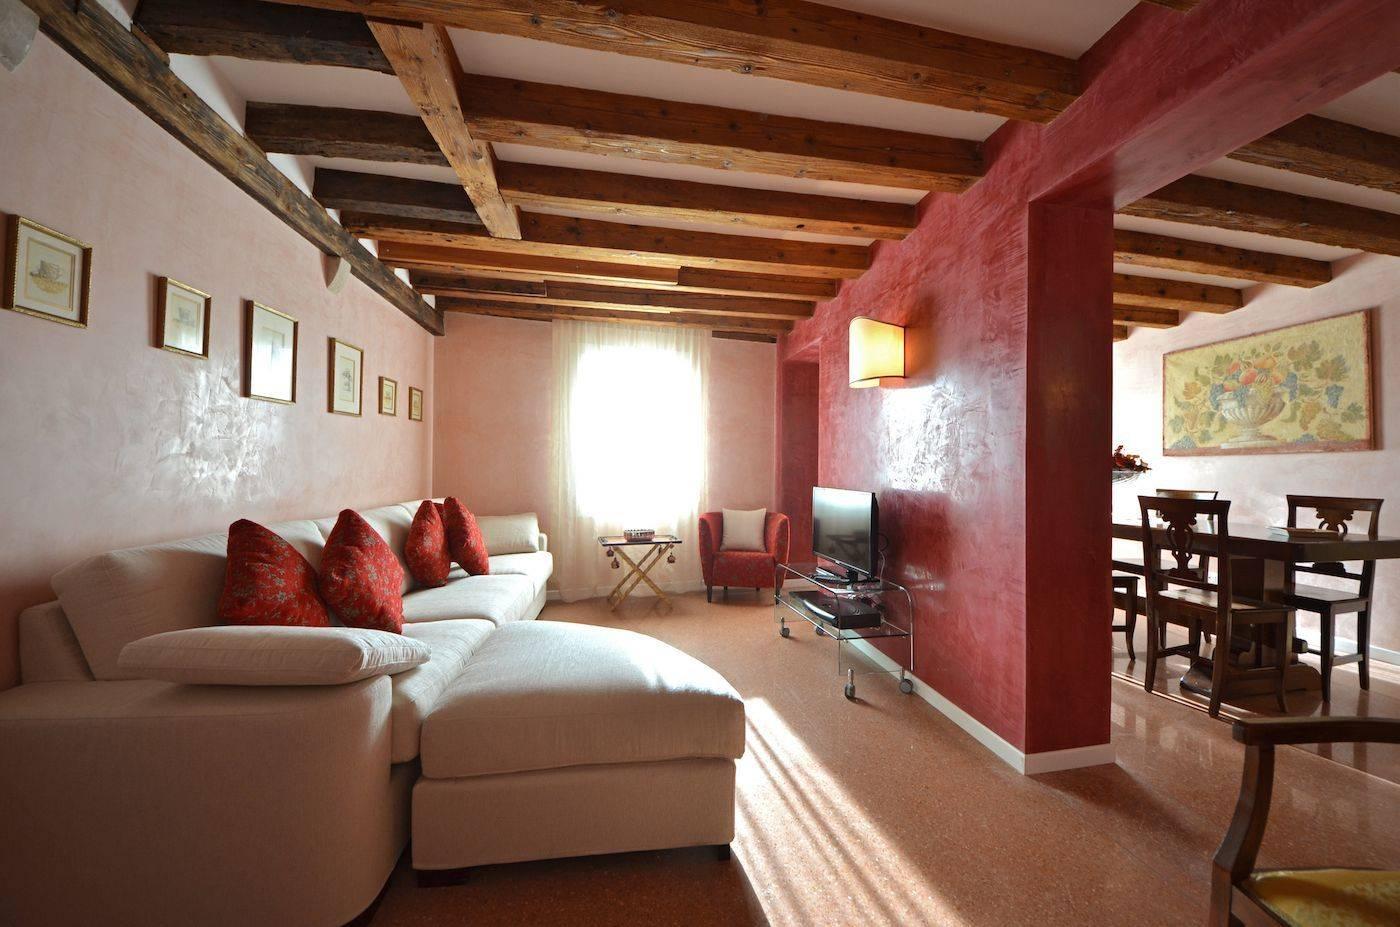 Palladio living room